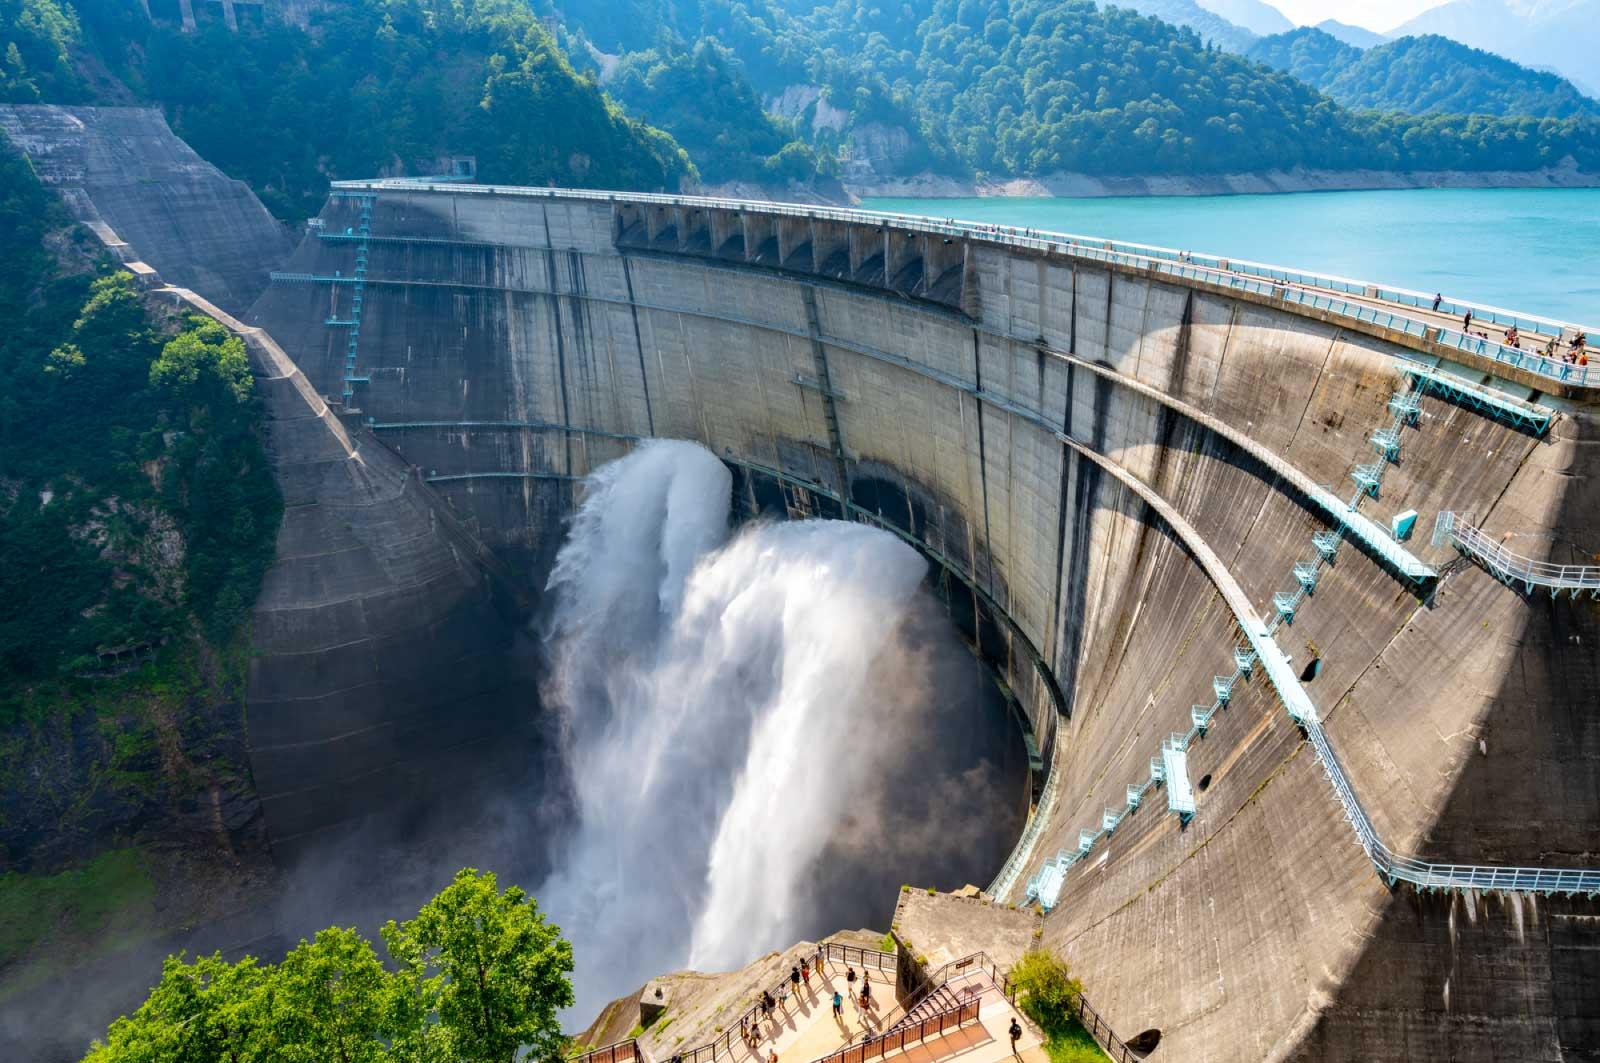 日本を代表するほどの規模と知名度を持っているダム